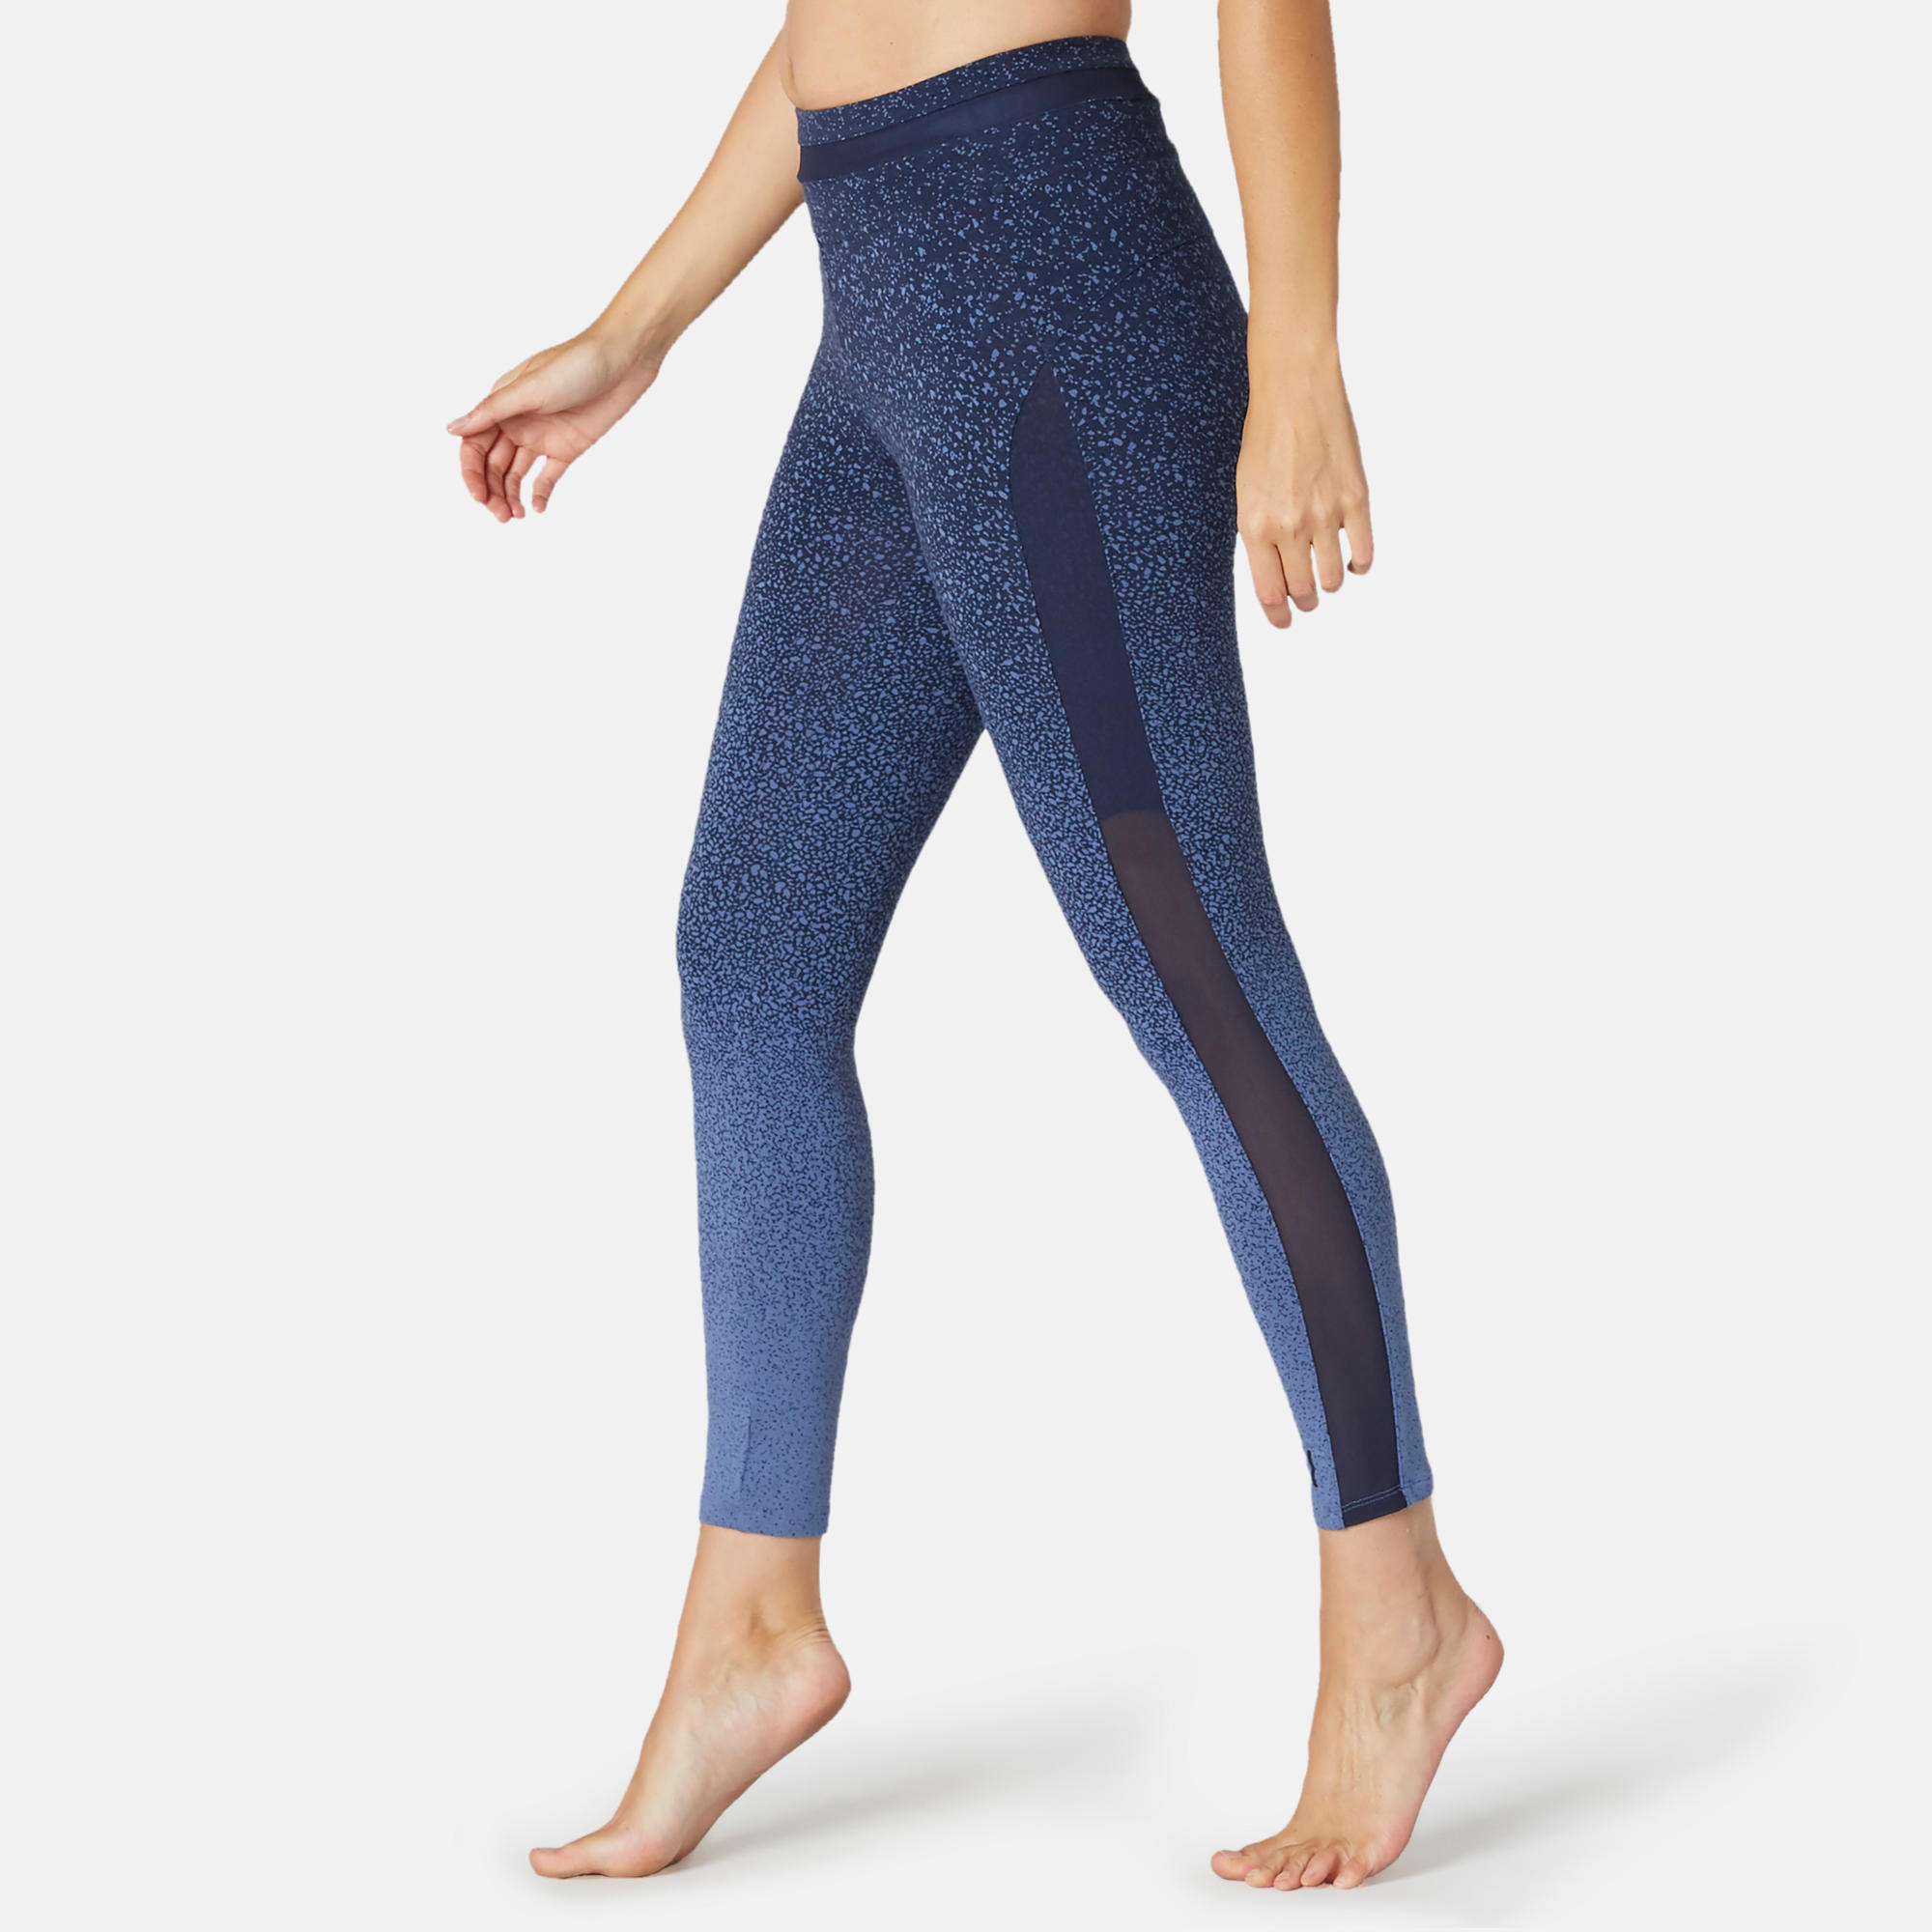 Legging sport taille haute Fit+ 520 femme en coton bleu ...